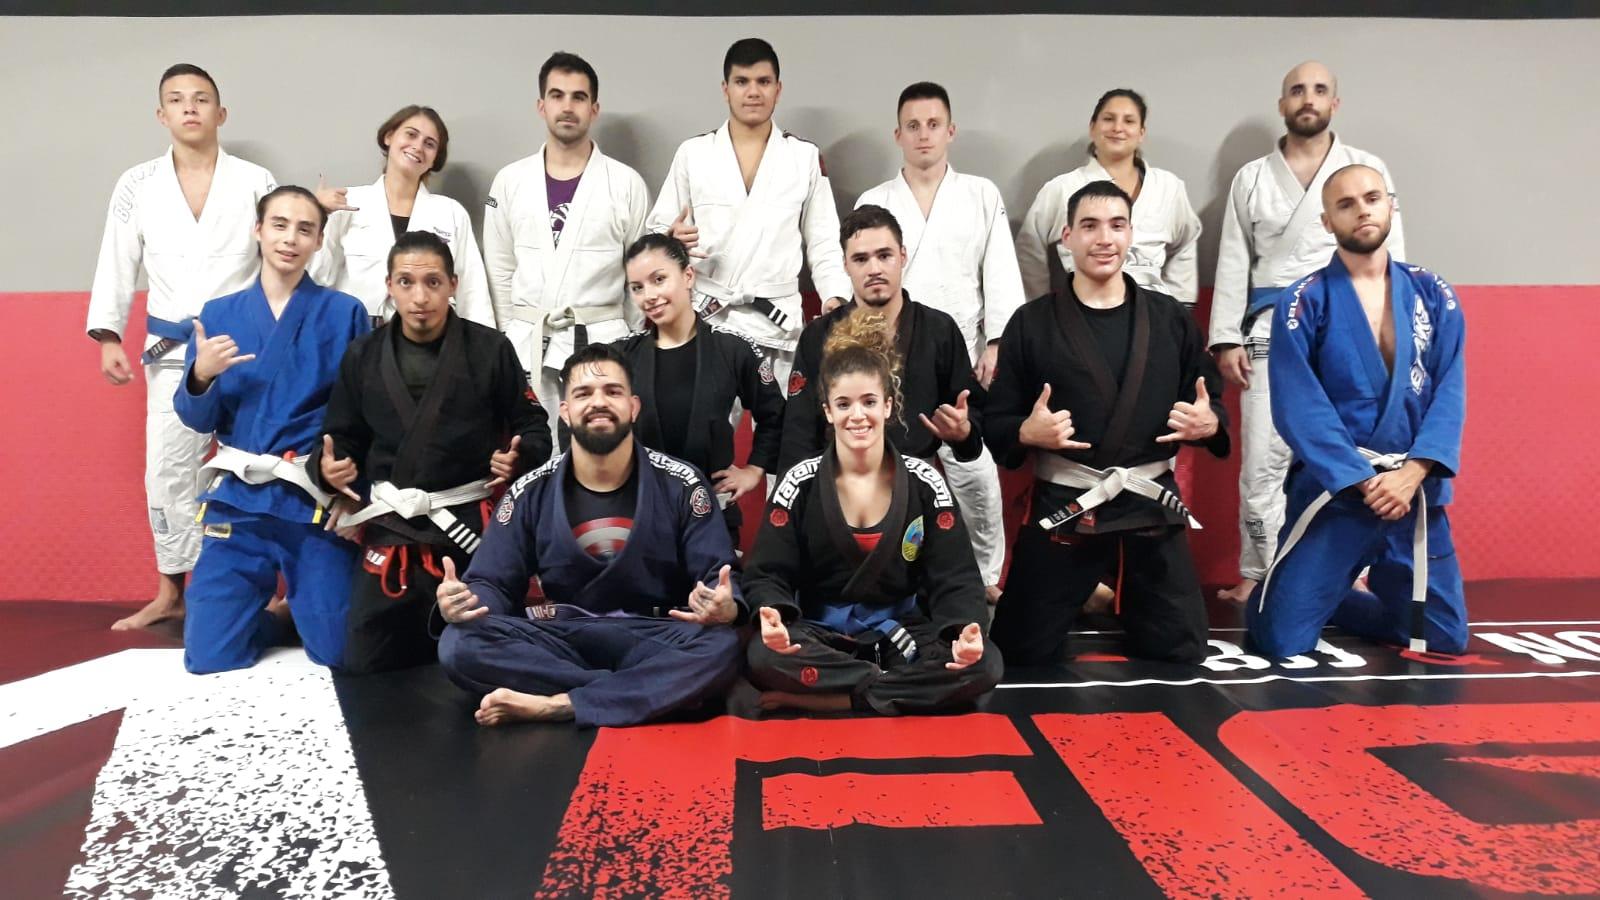 jiu jitsu brasileño en sa fight company deusto